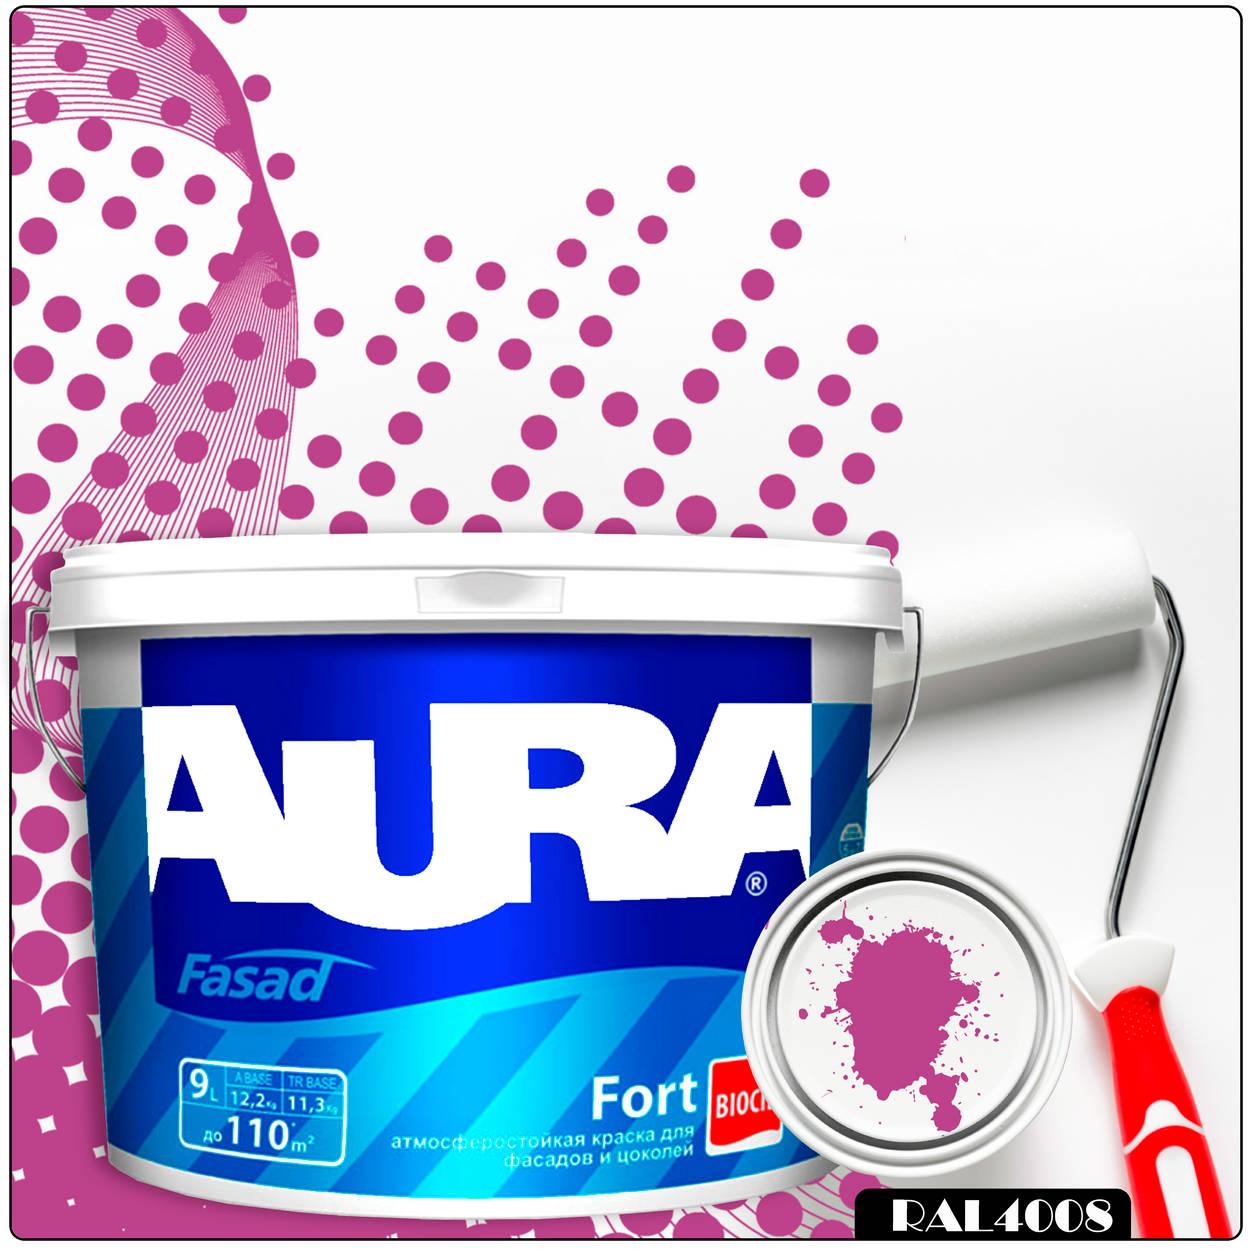 Фото 8 - Краска Aura Fasad Fort, RAL 4008 Сигнальный фиолетовый, латексная, матовая, для фасада и цоколей, 9л, Аура.